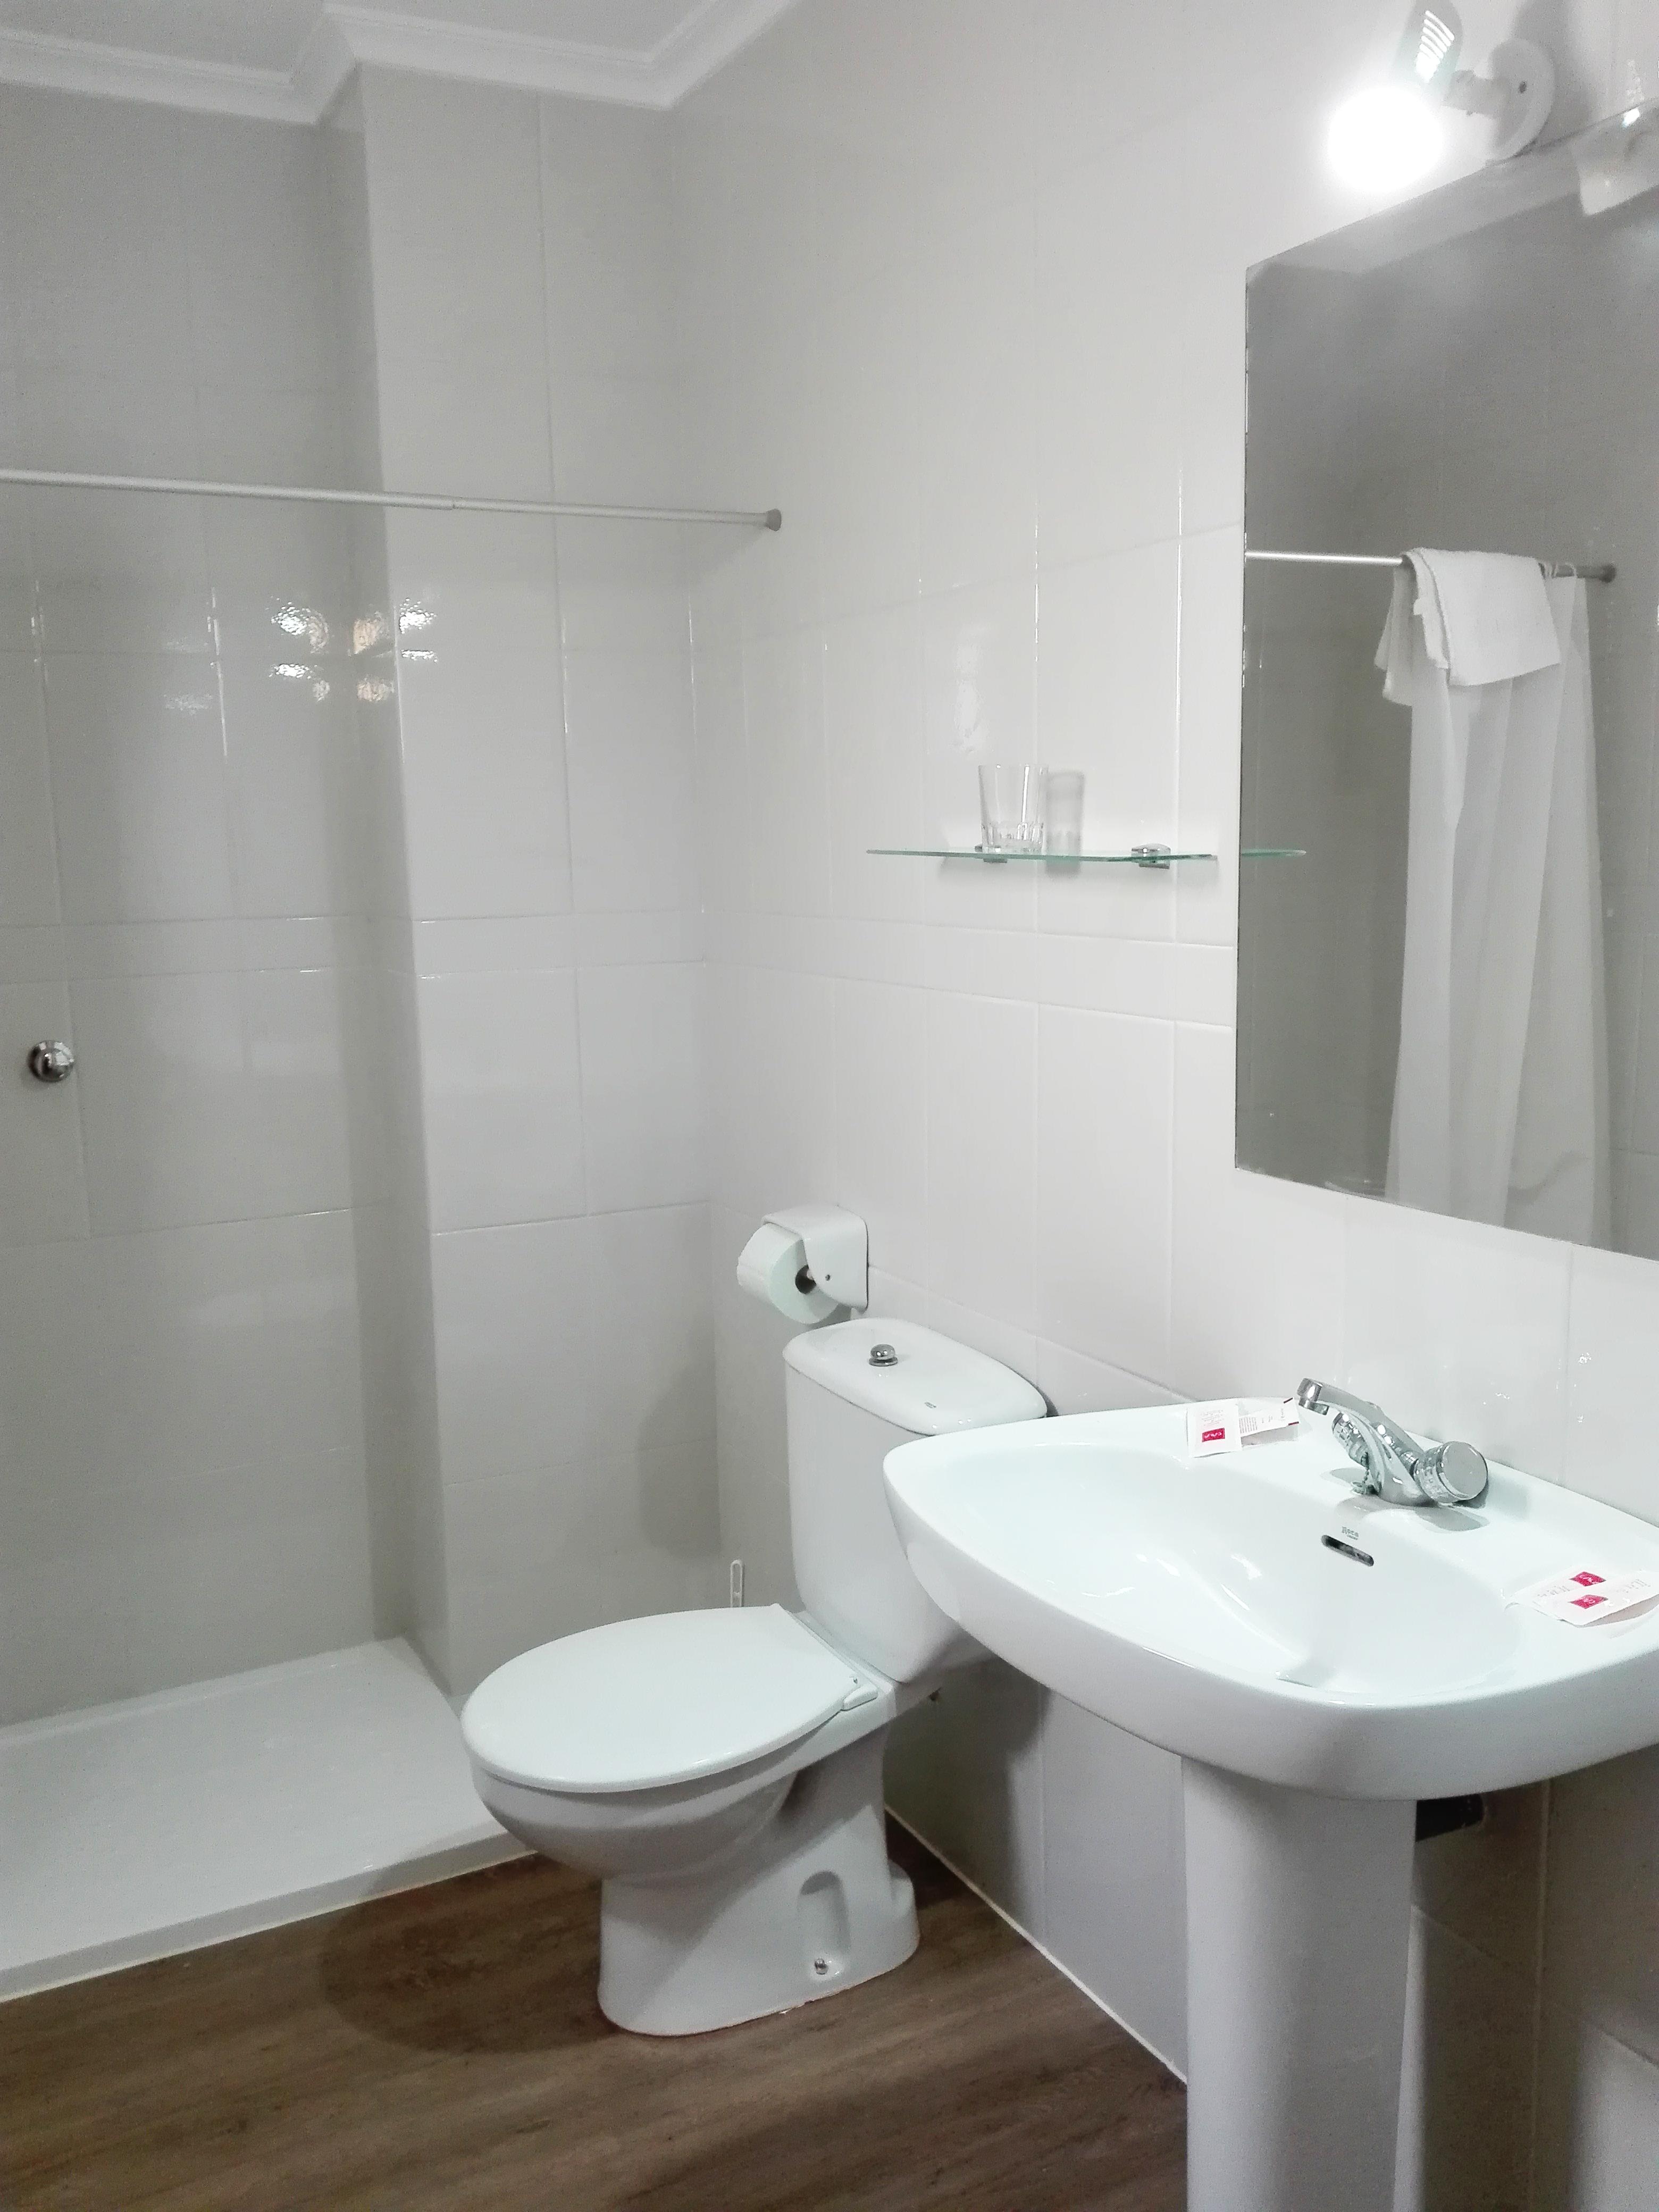 Baño habitación 1980 Rooms